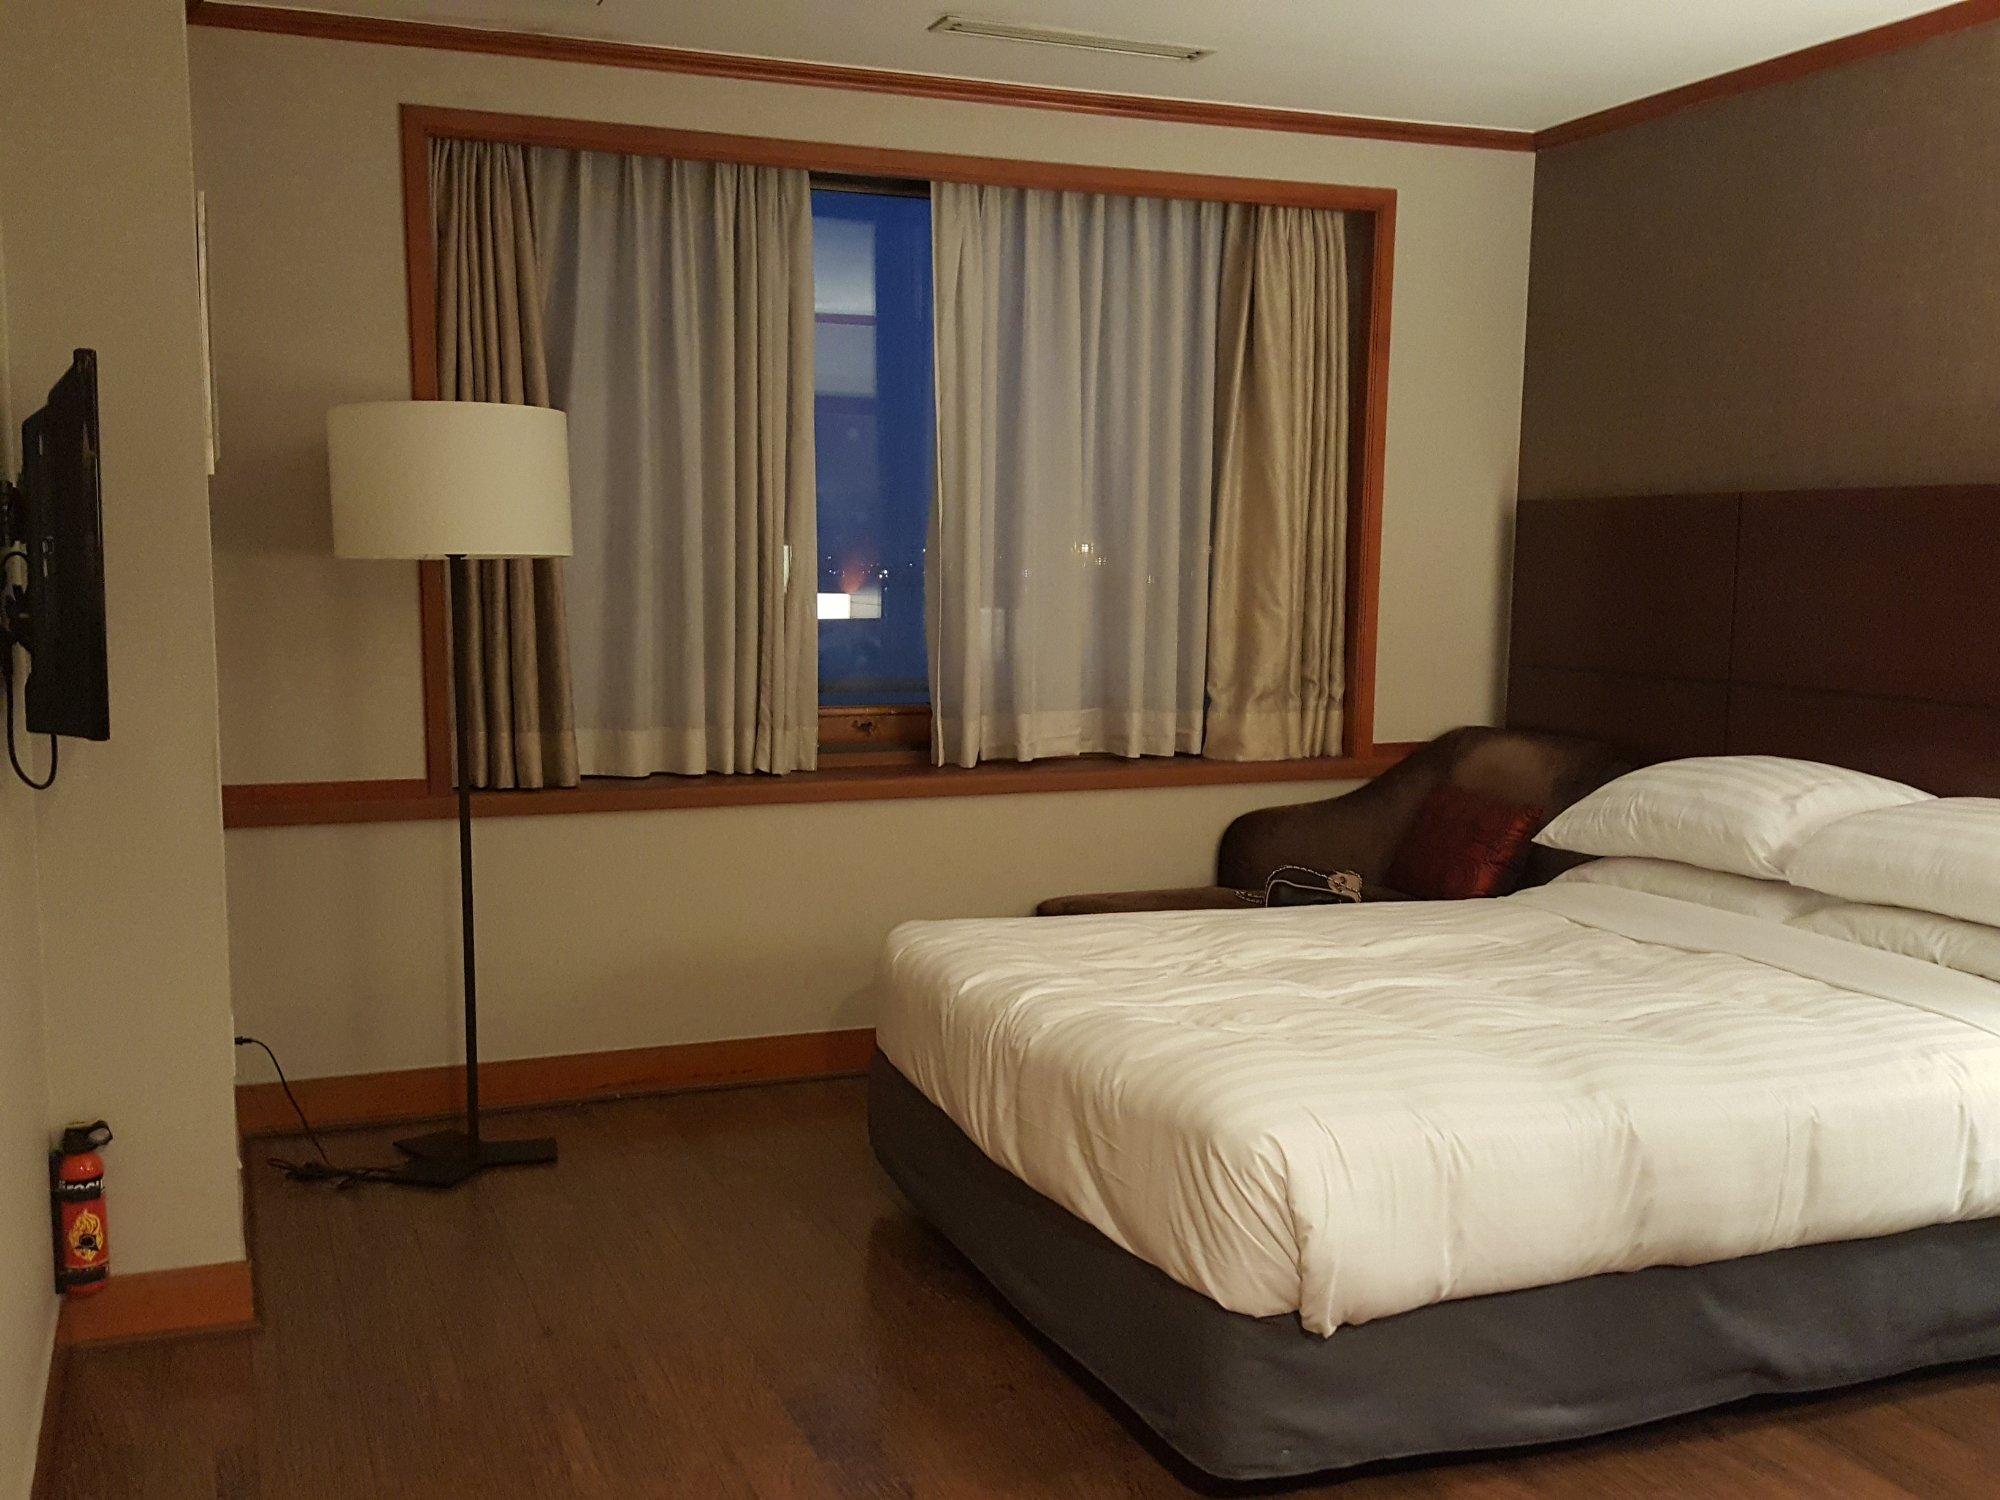 파라다이스 호텔 인천